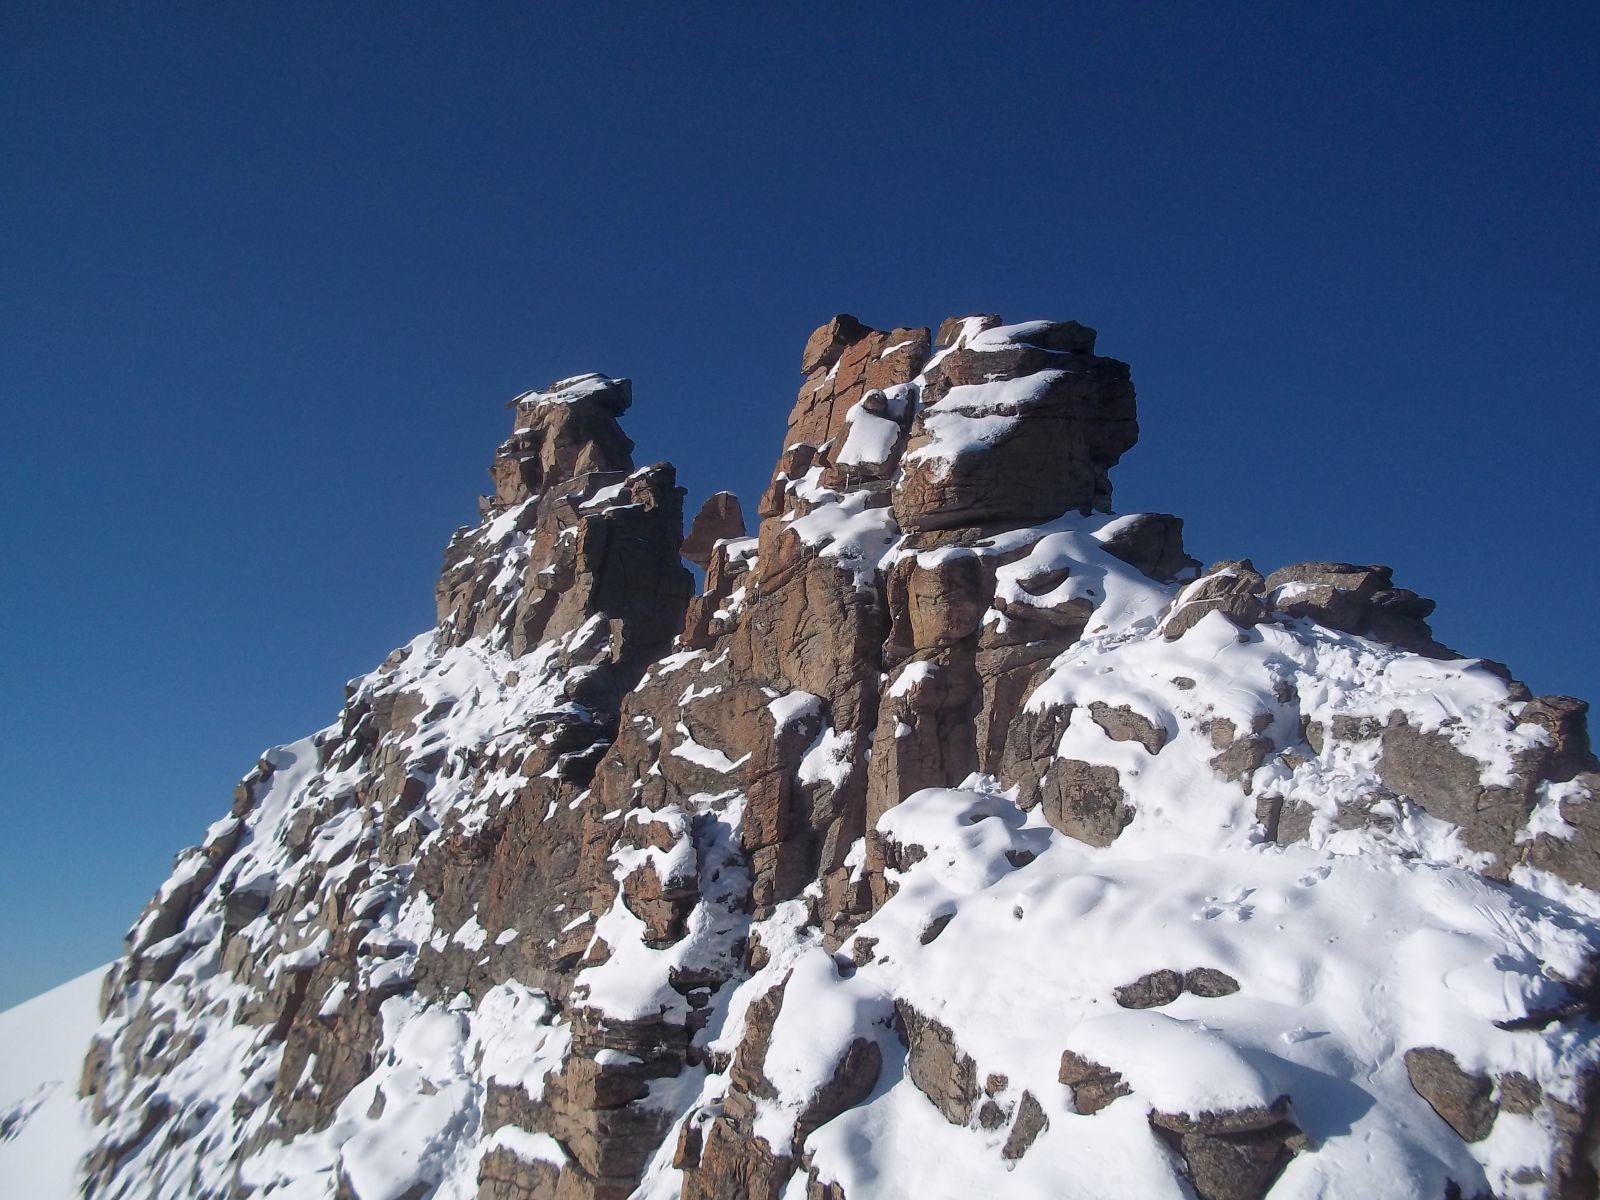 la parte mediana di roccia